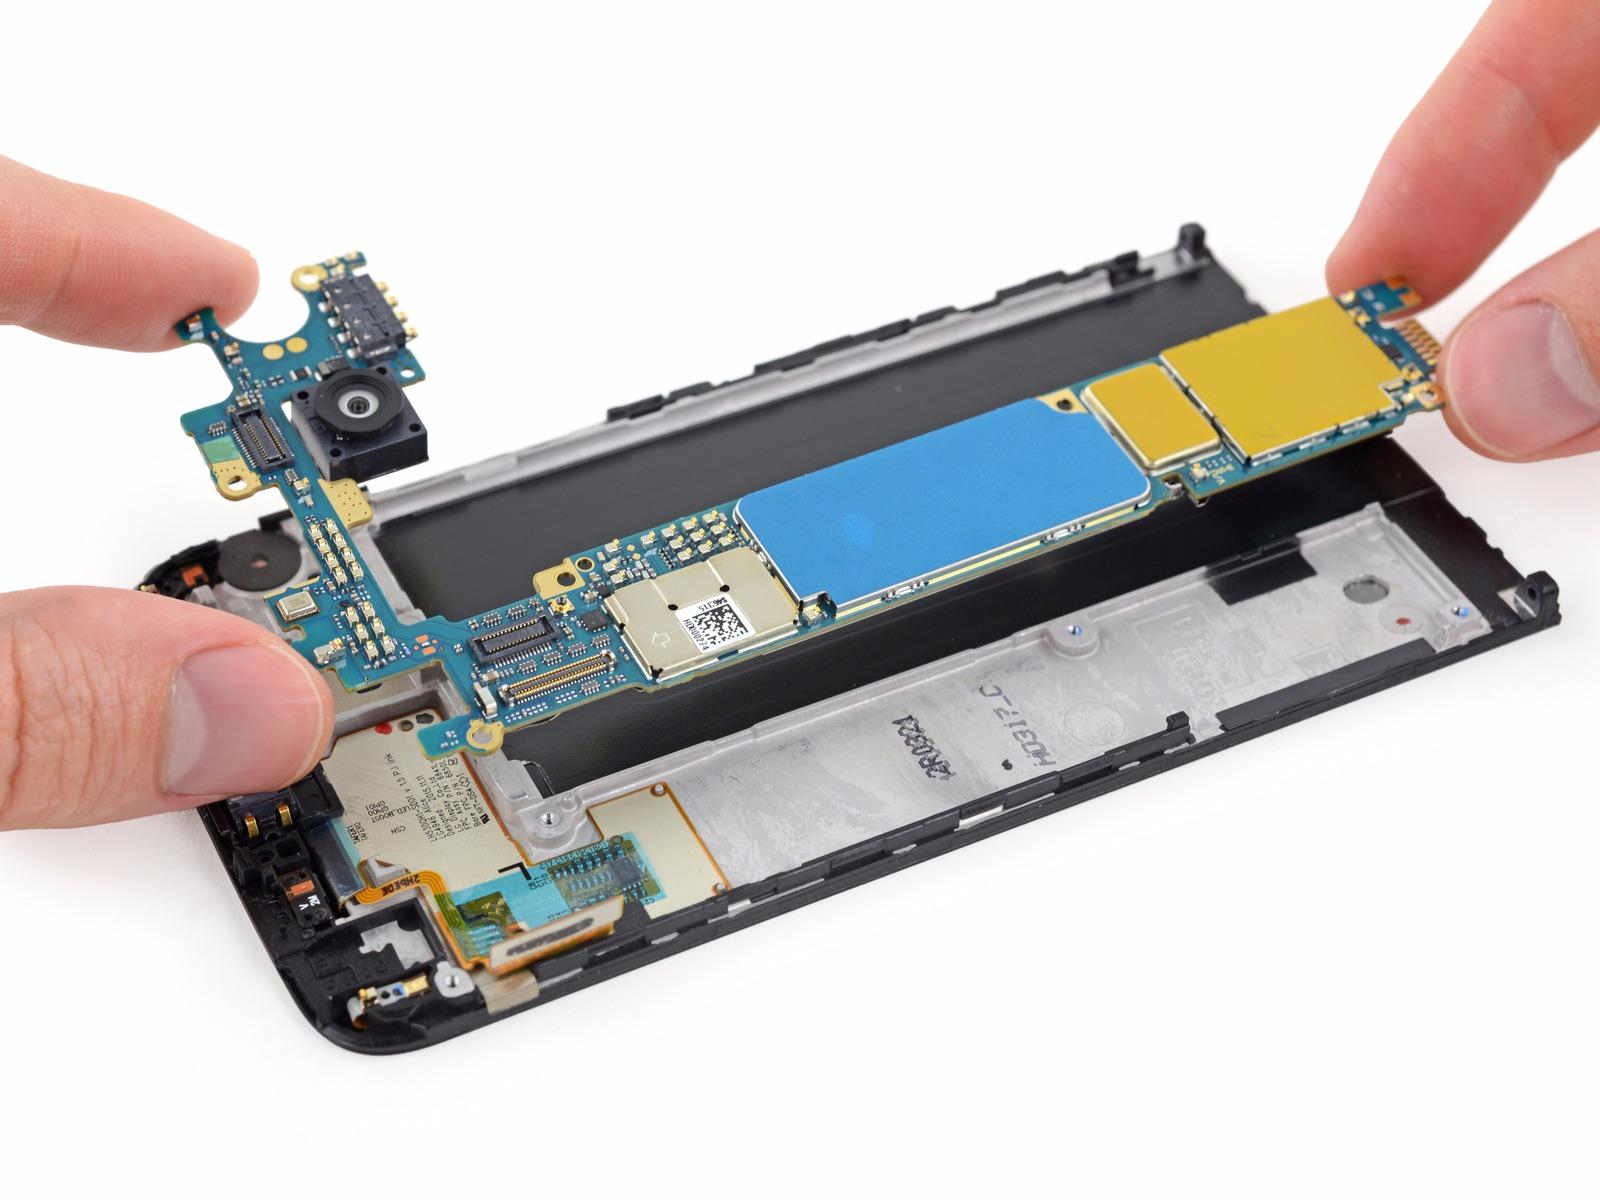 În sfârşit un telefon flagship uşor de reparat! LG G5 primeşte o notă bună după disecţia iFixit